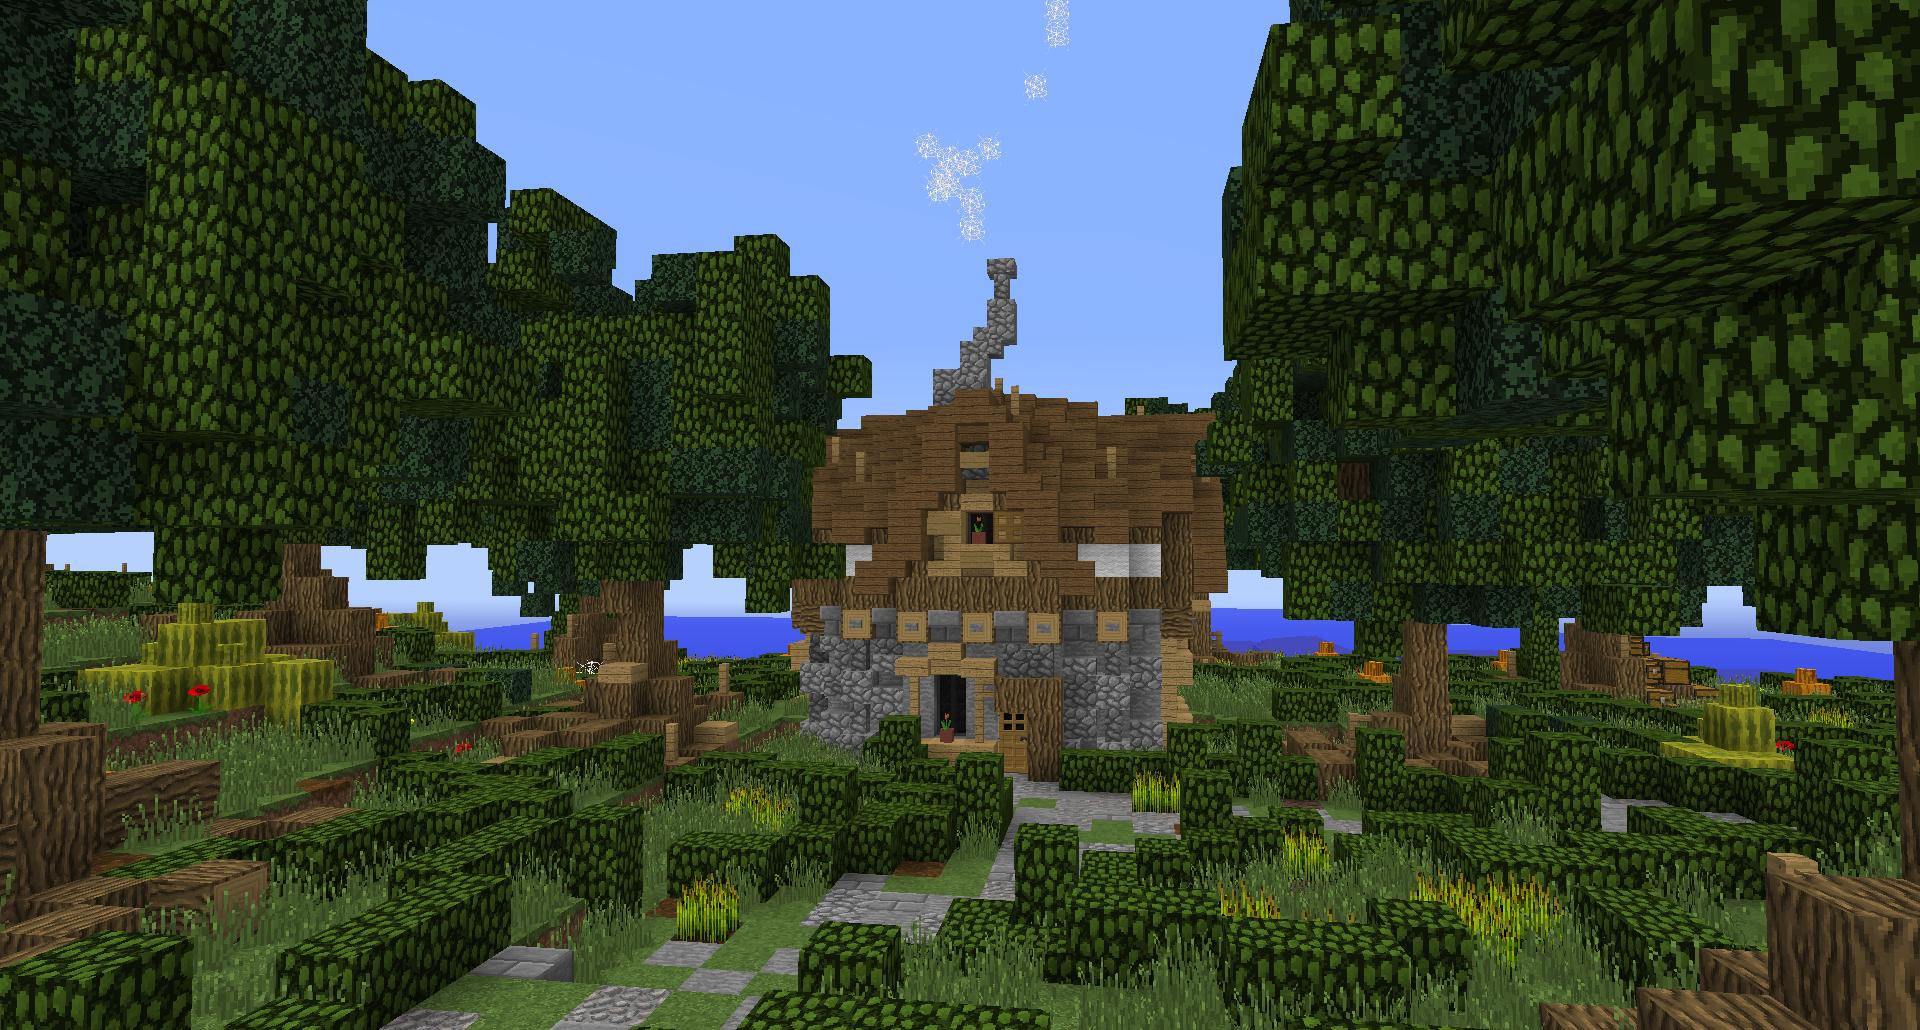 Minecraft buildings simple fantasy lollyherz village - Minecraft inneneinrichtung ...